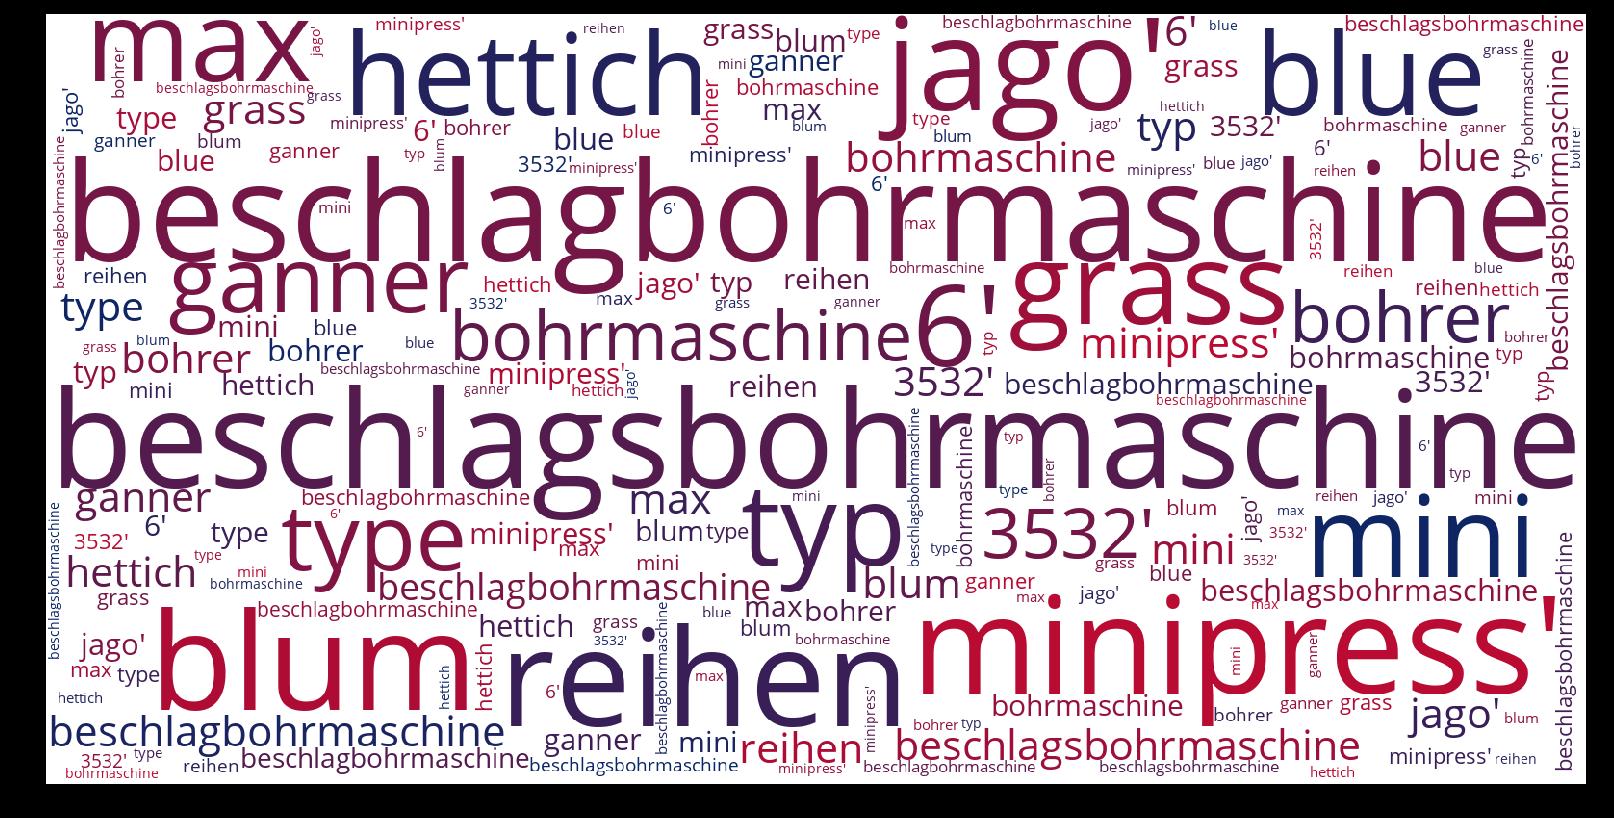 Beschlagbohrmaschine-wordcloud